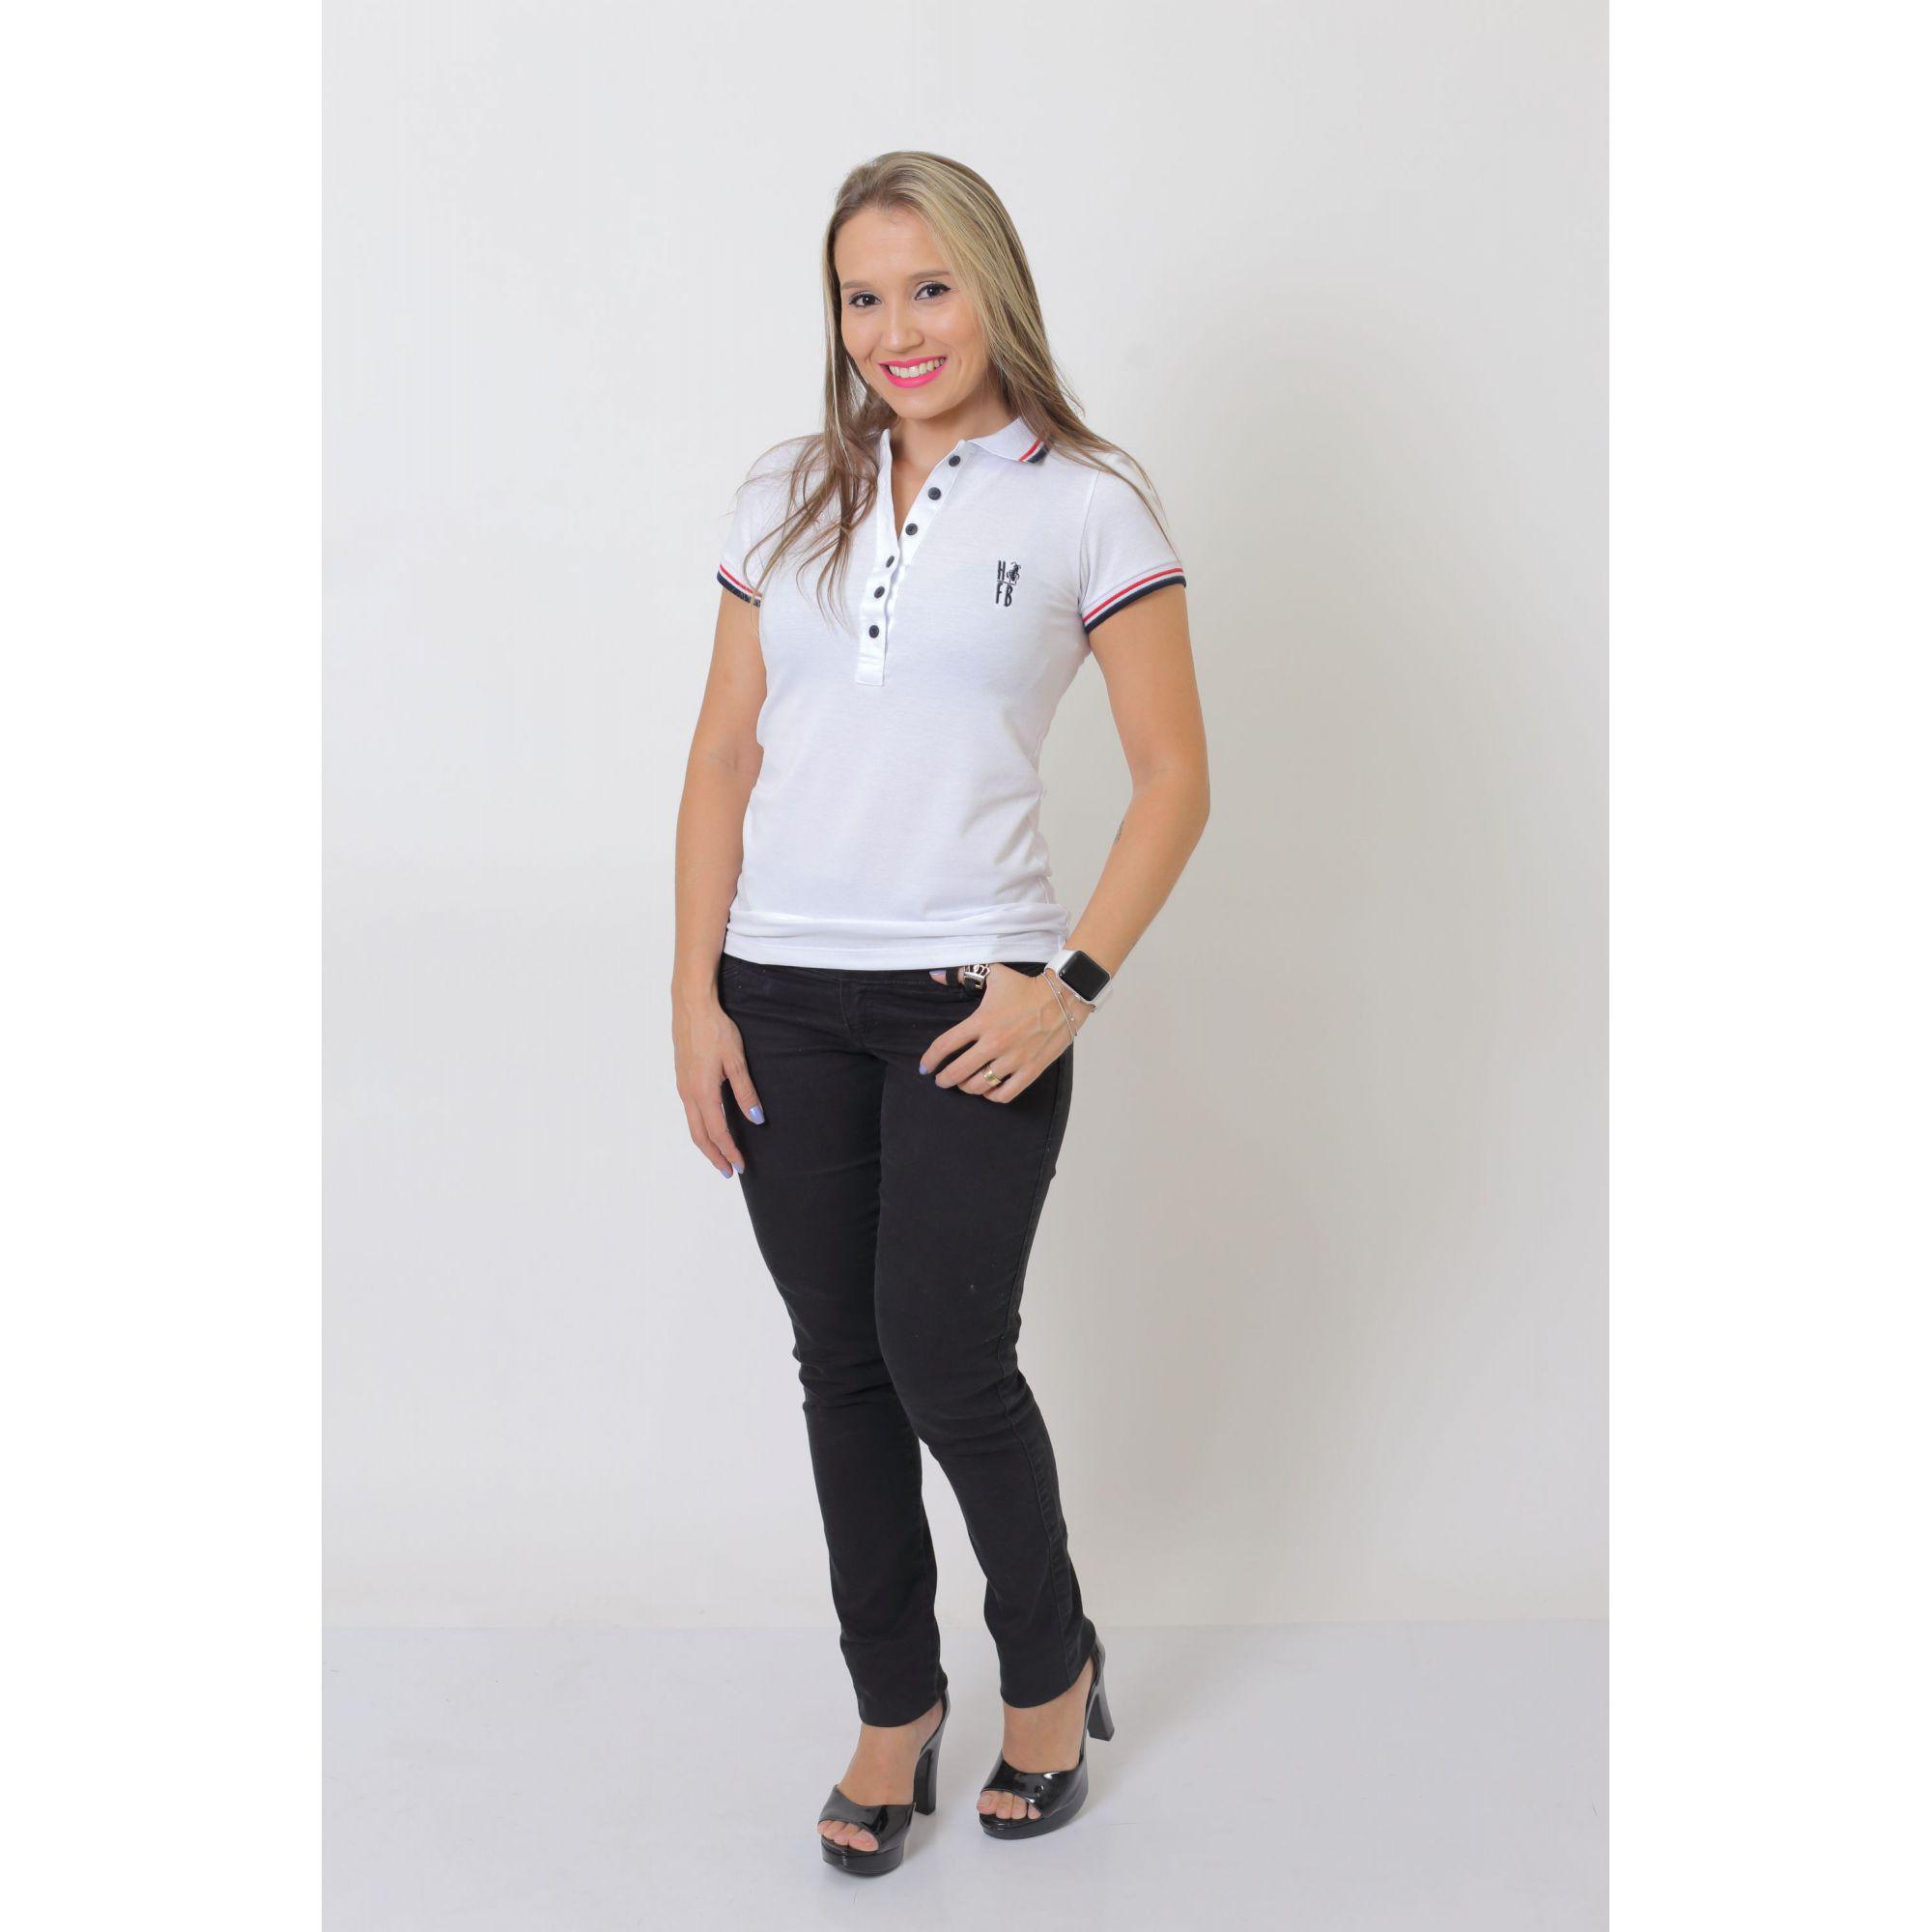 PAIS E FILHOS > Kit 3 peças Camisas + Body Unissex Polo Branca [Coleção Família]  - Heitor Fashion Brazil